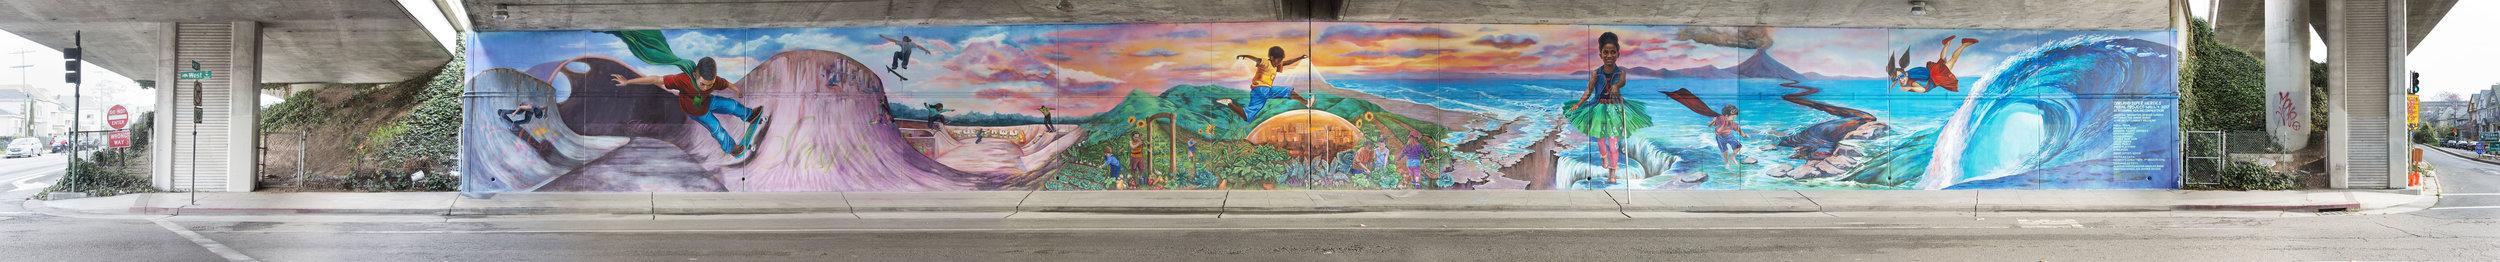 Mural West Street West Wall (1).jpg